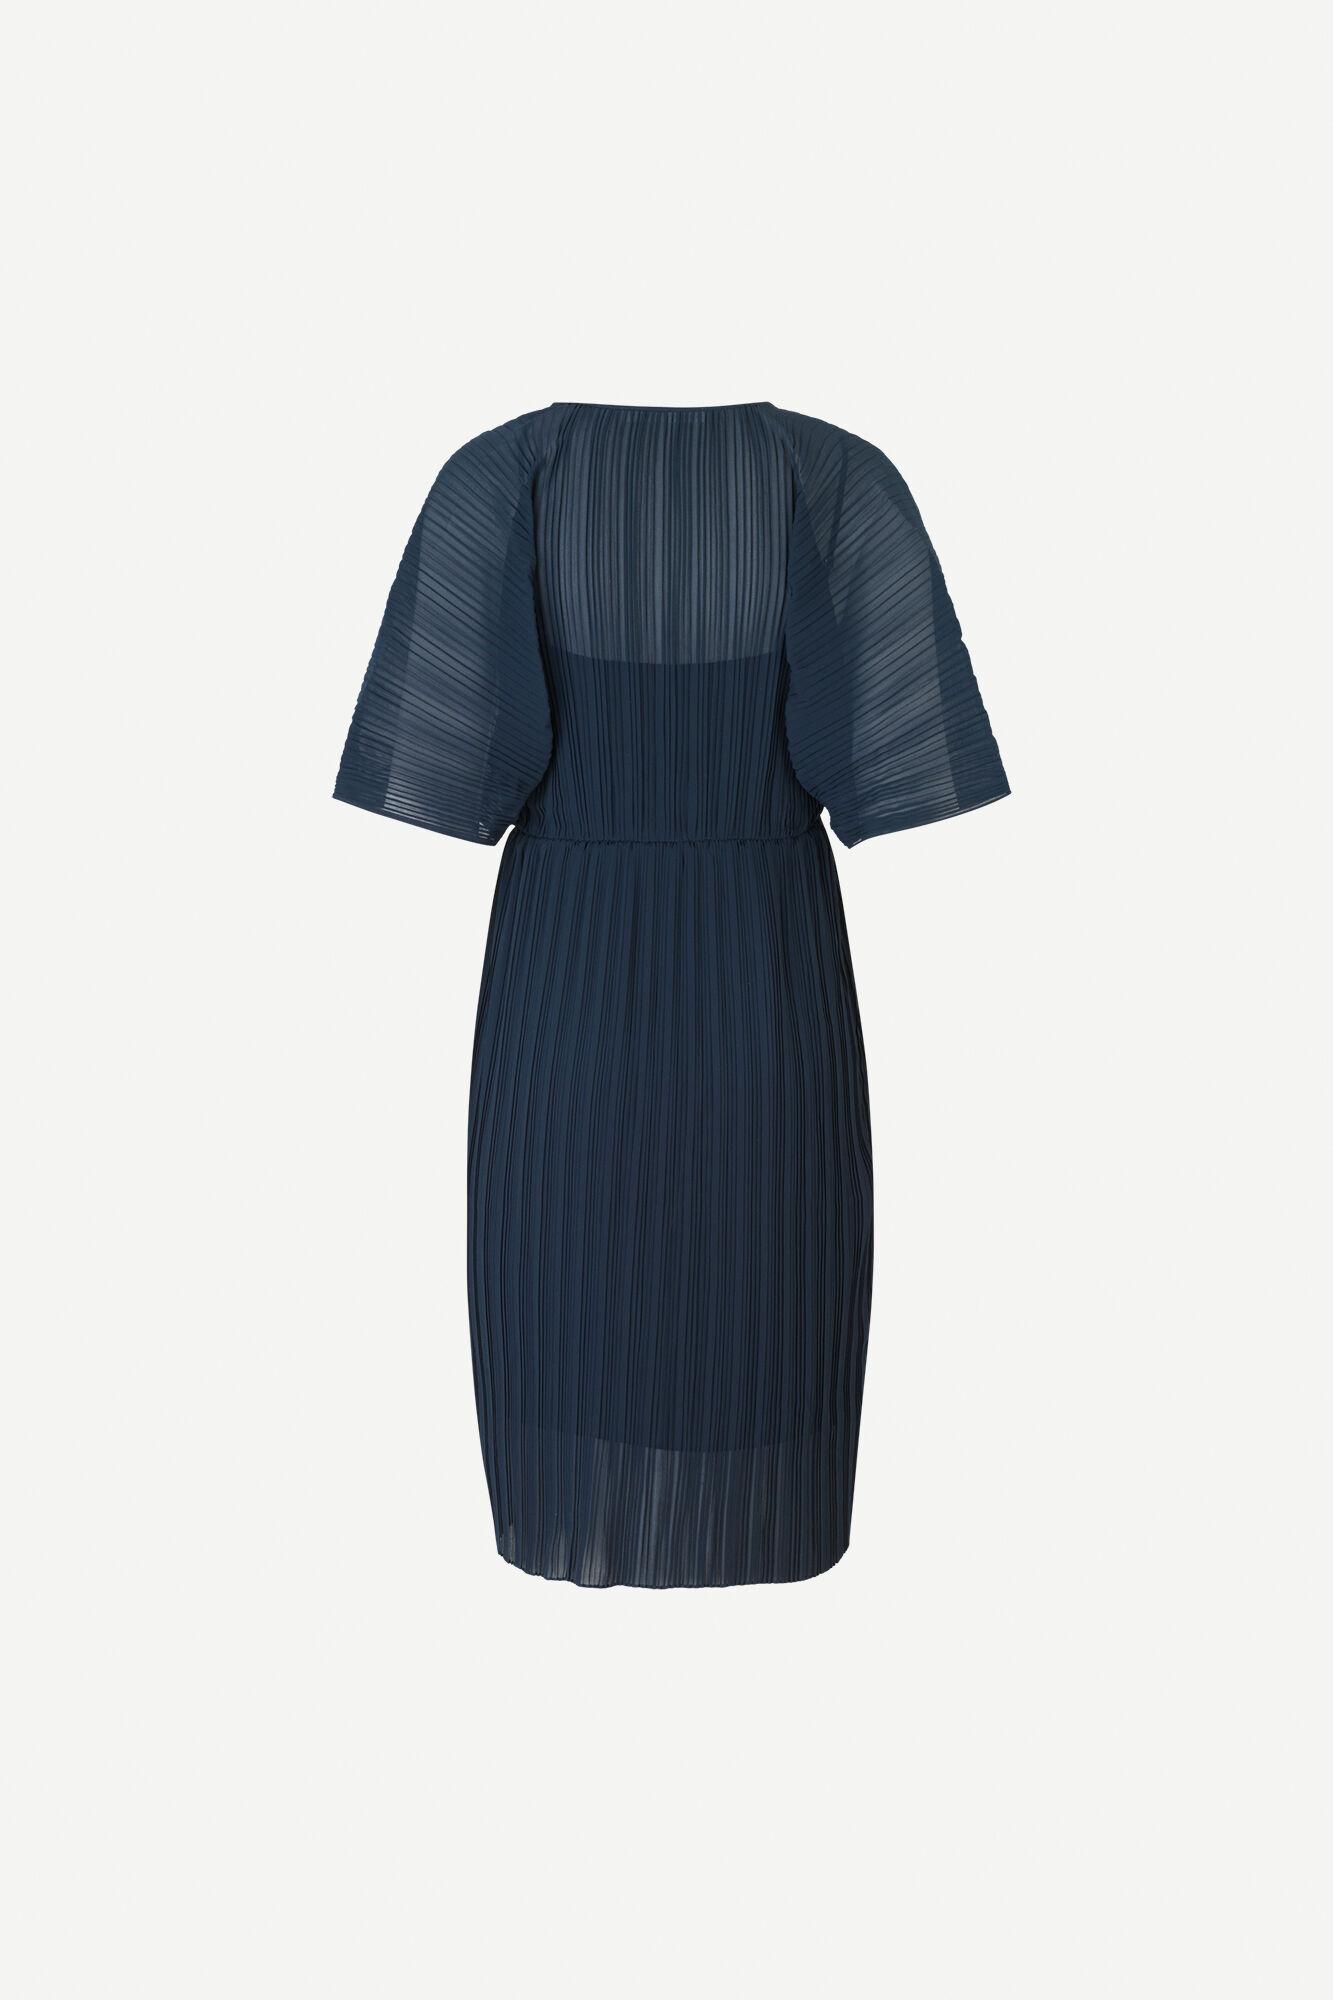 Andine dress 6621